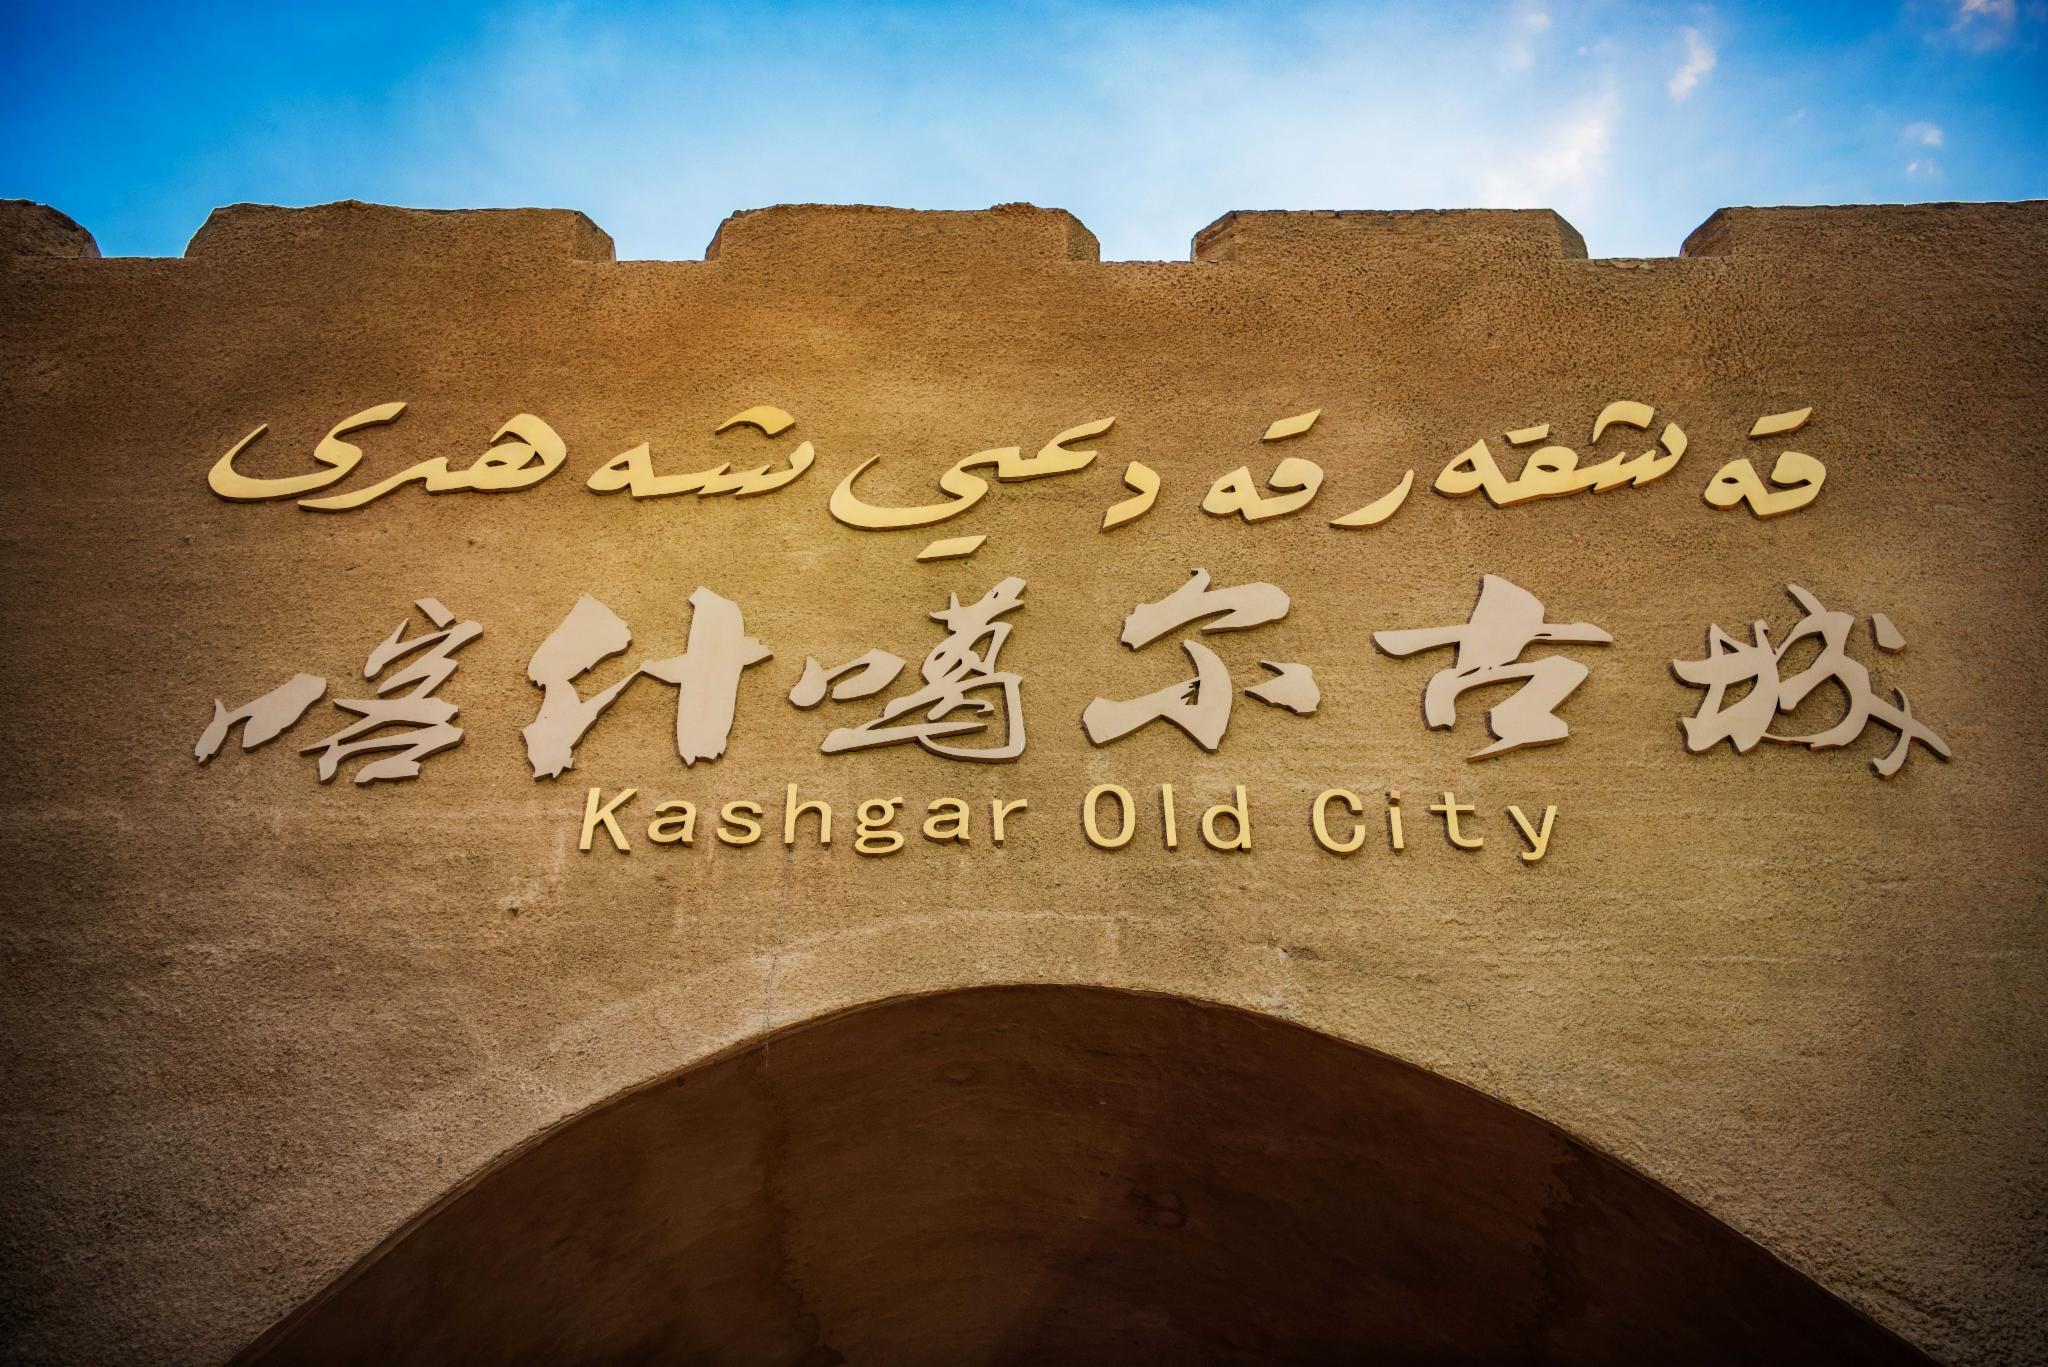 慢游喀什老城 体验新疆的新疆